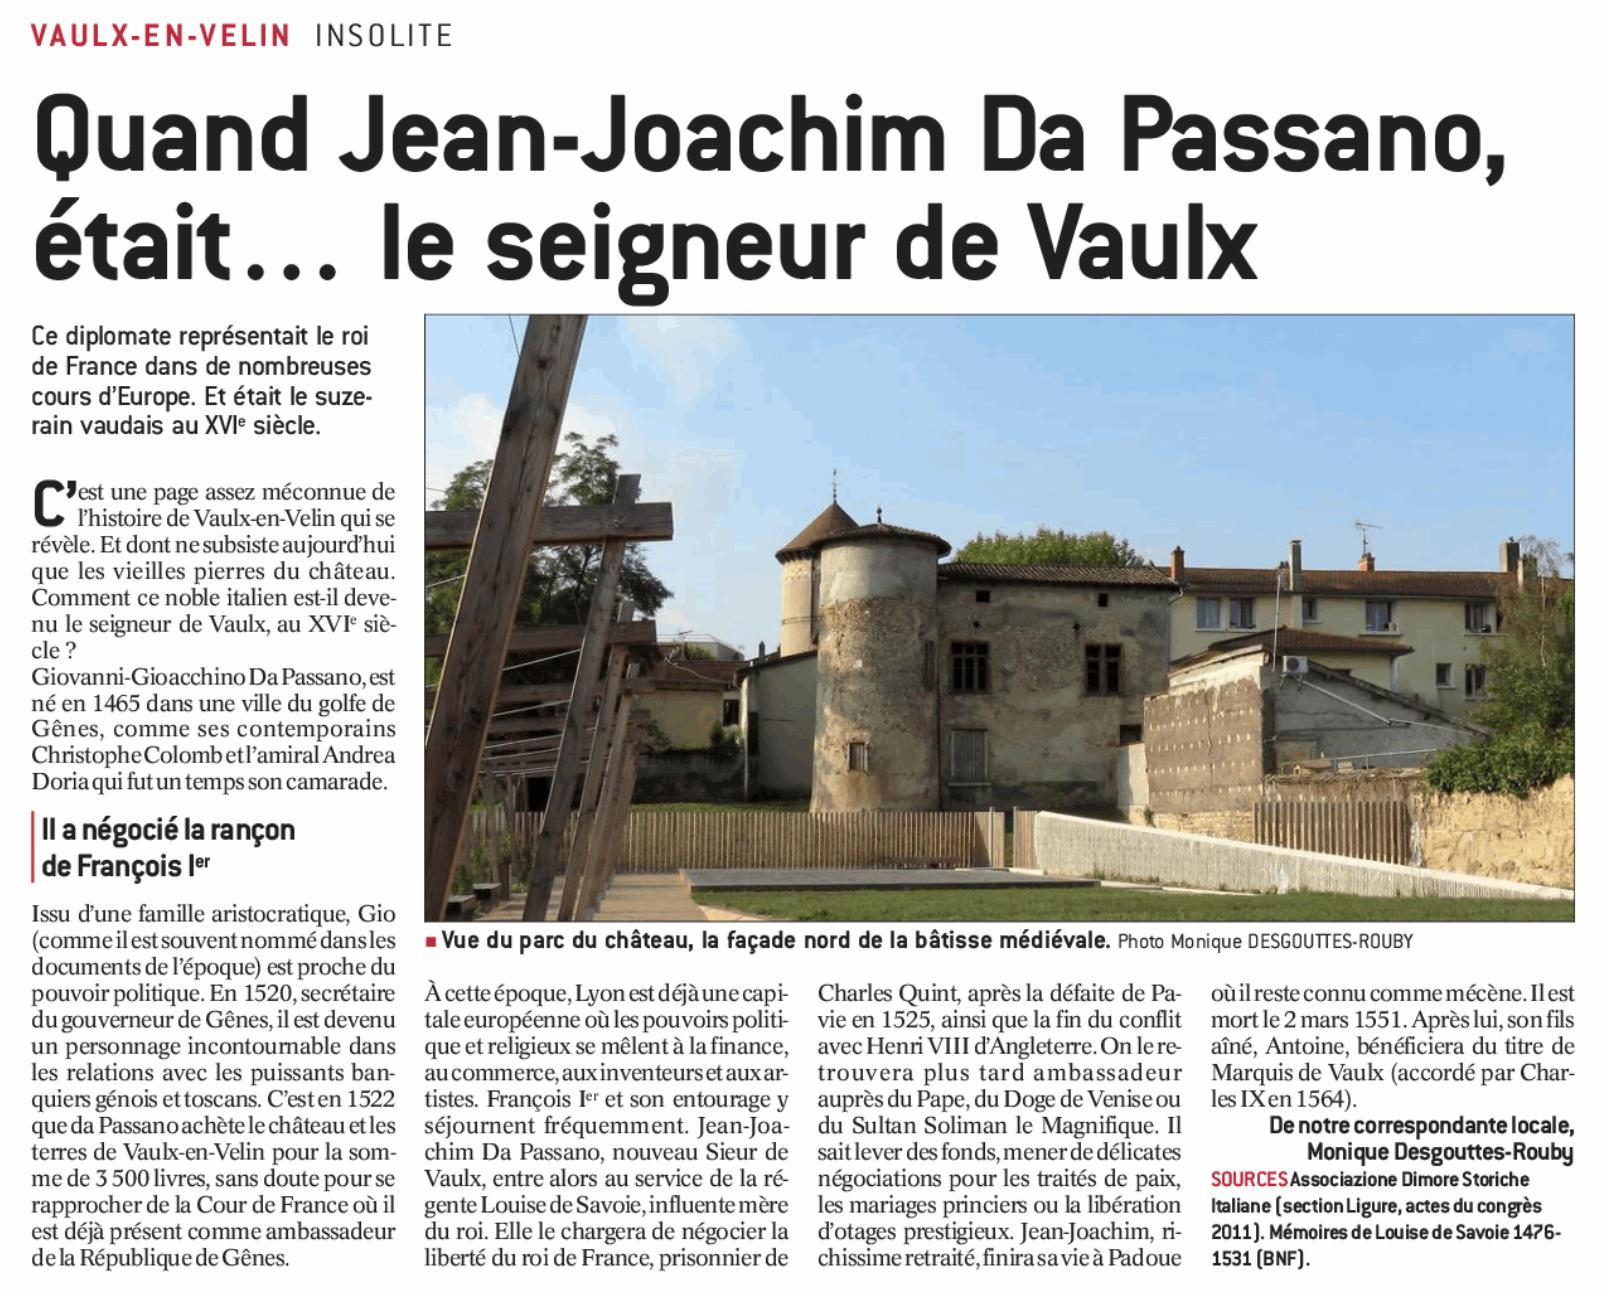 Historique de Vaulx-Velin